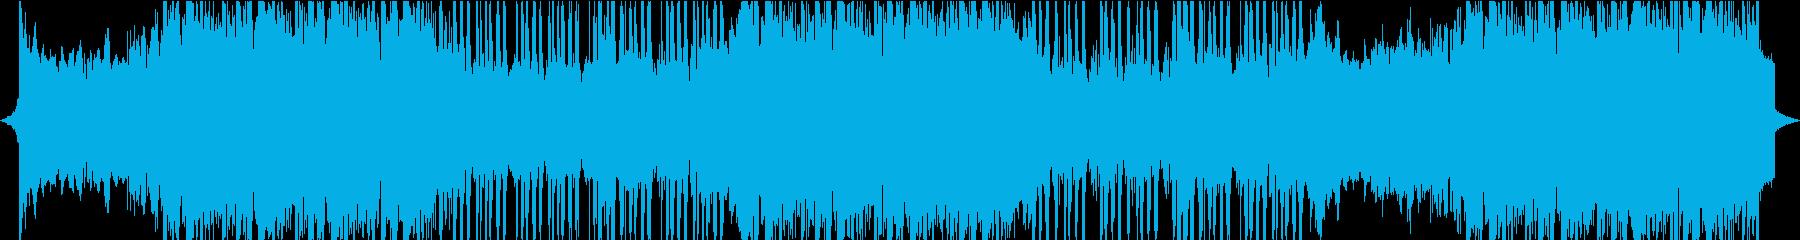 トラップ ヒップホップ 移動 シン...の再生済みの波形